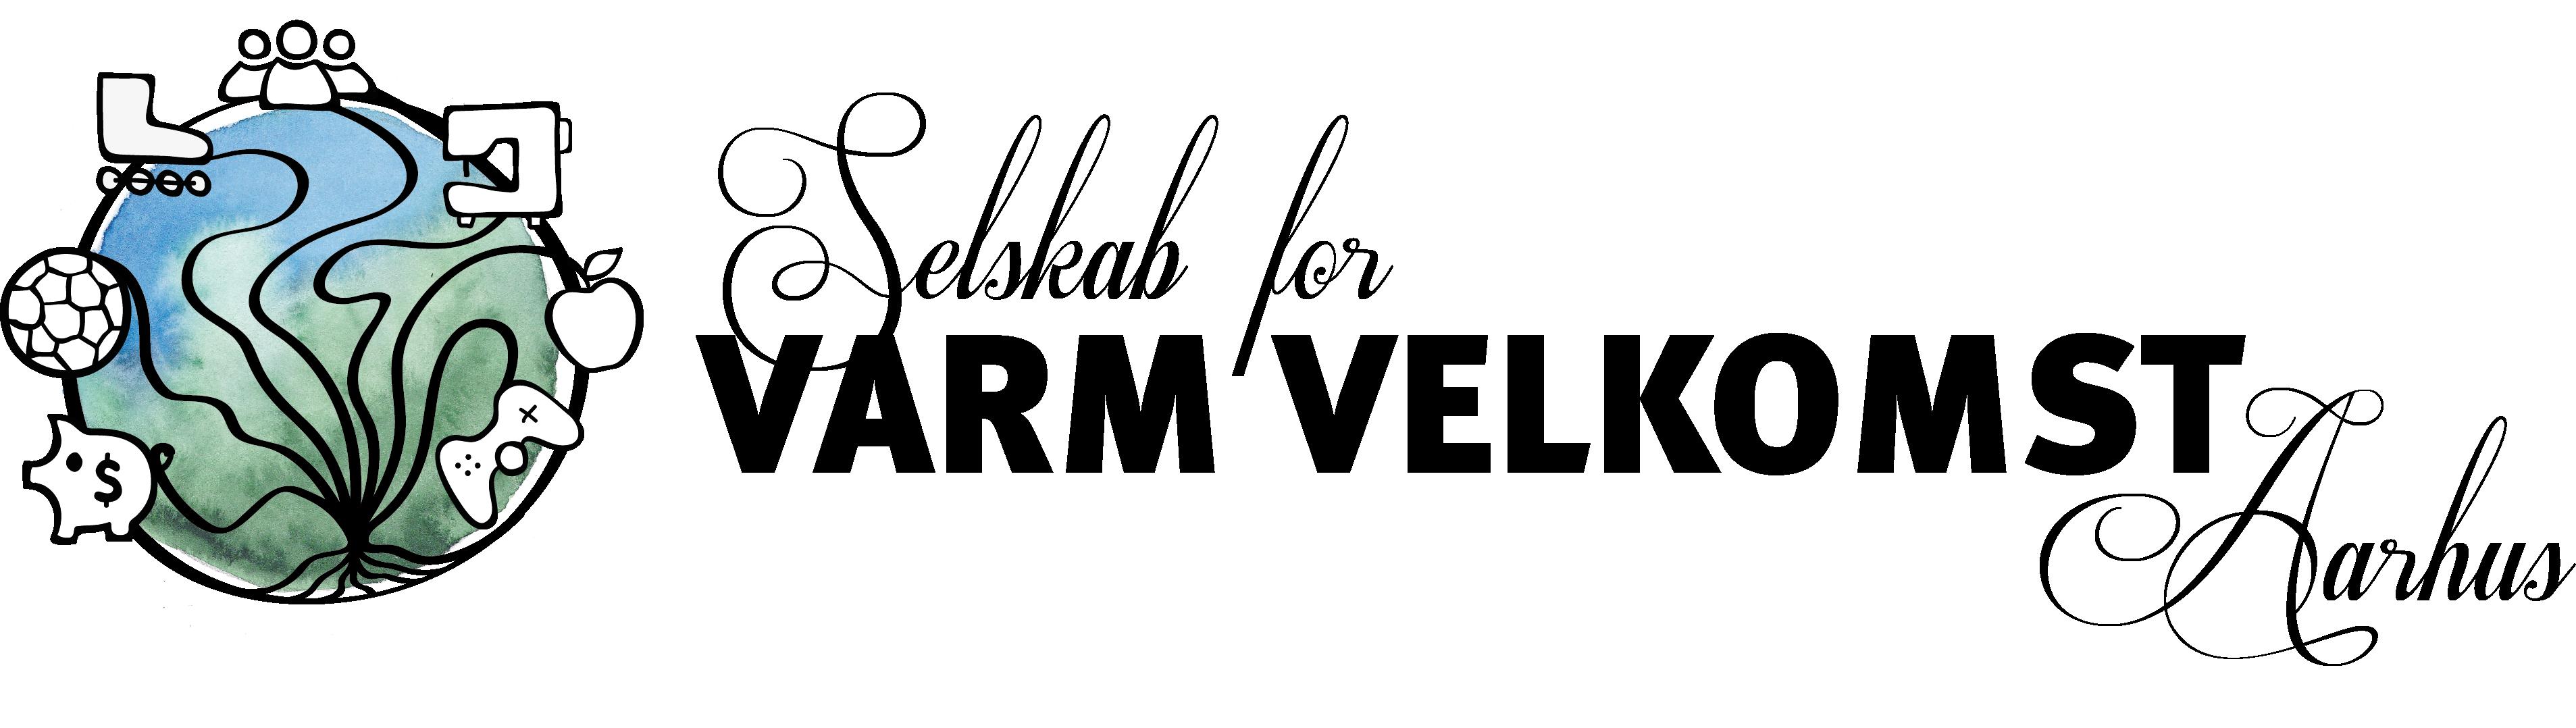 varmvelkomst-aarhus